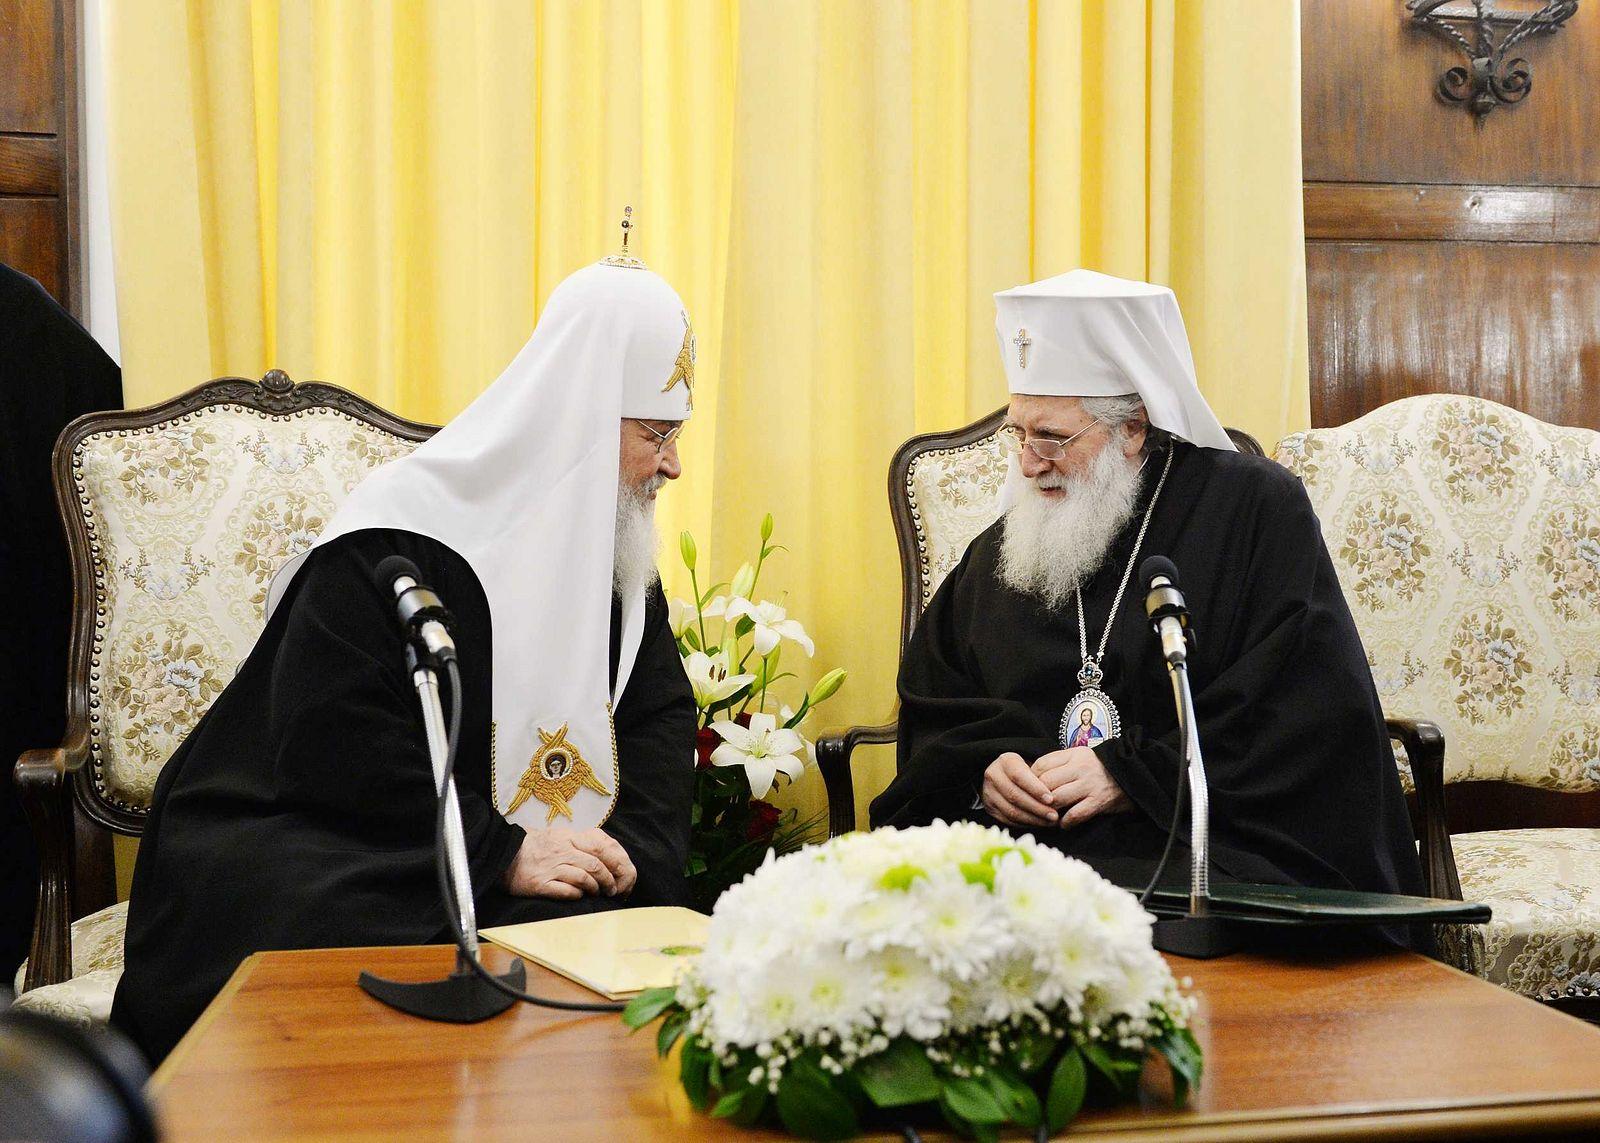 Состоялась встреча Патриарха Кирилла с Патриархом Болгарским Неофитом и членами Синода Болгарской Православной Церкви